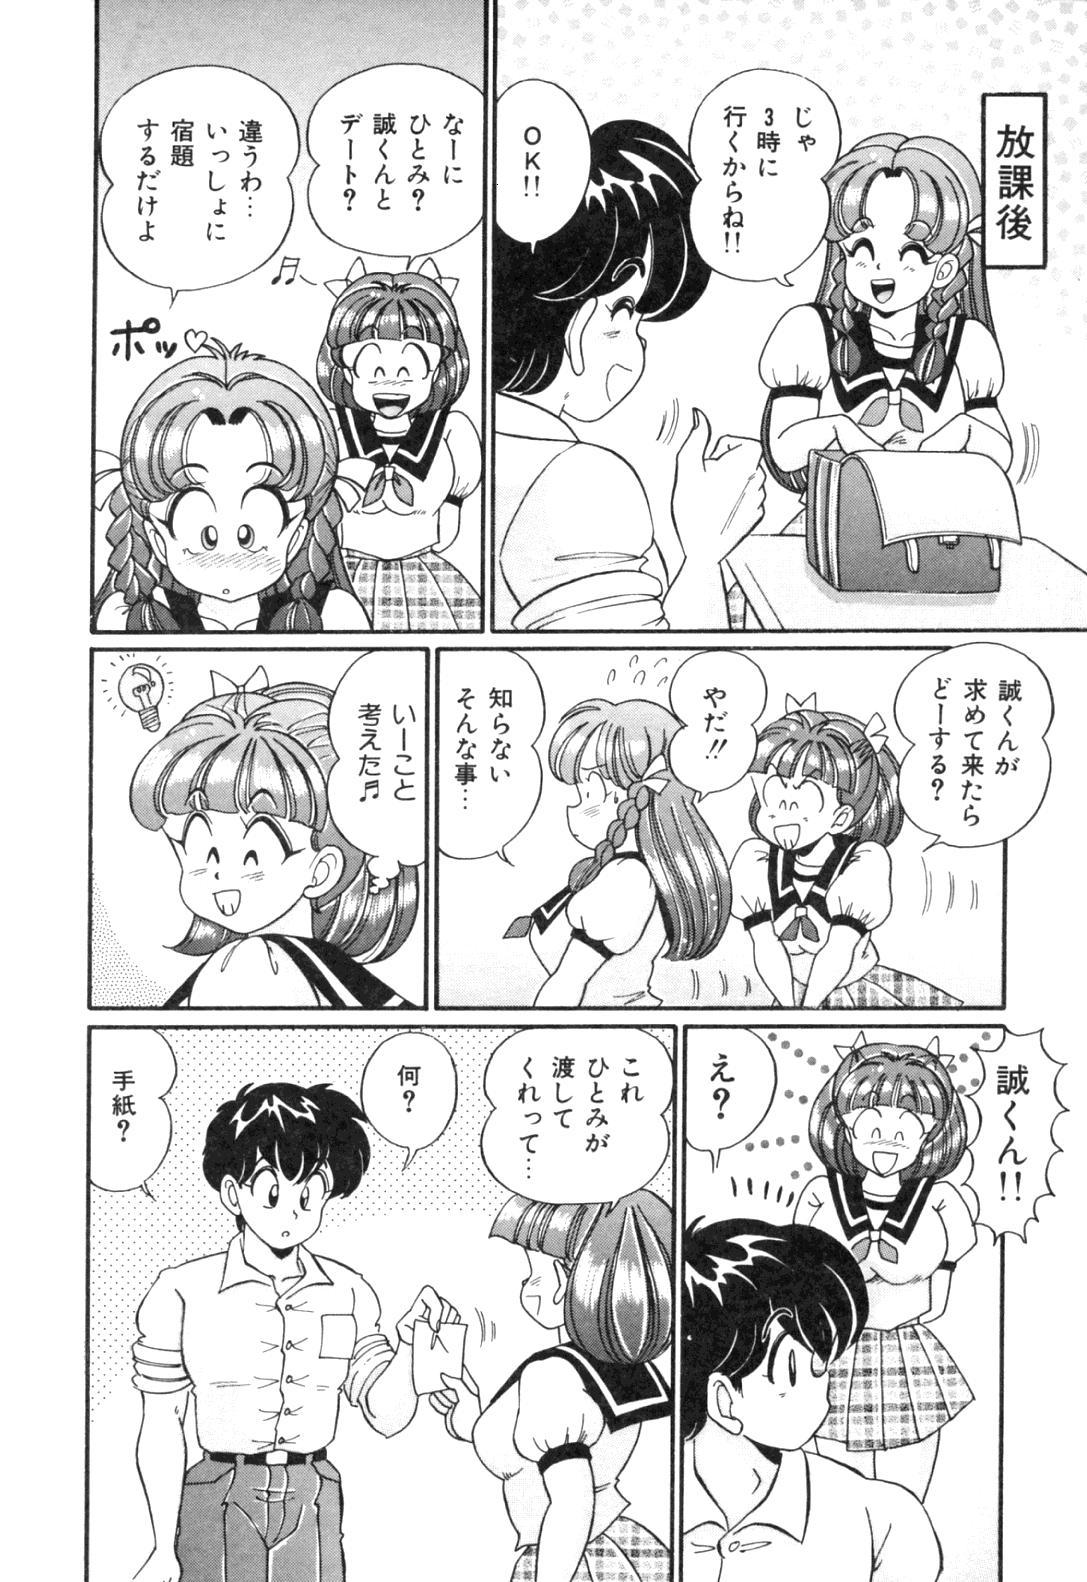 [Watanabe Wataru] Tonari no Onee-san - Sister of Neighborhood 49